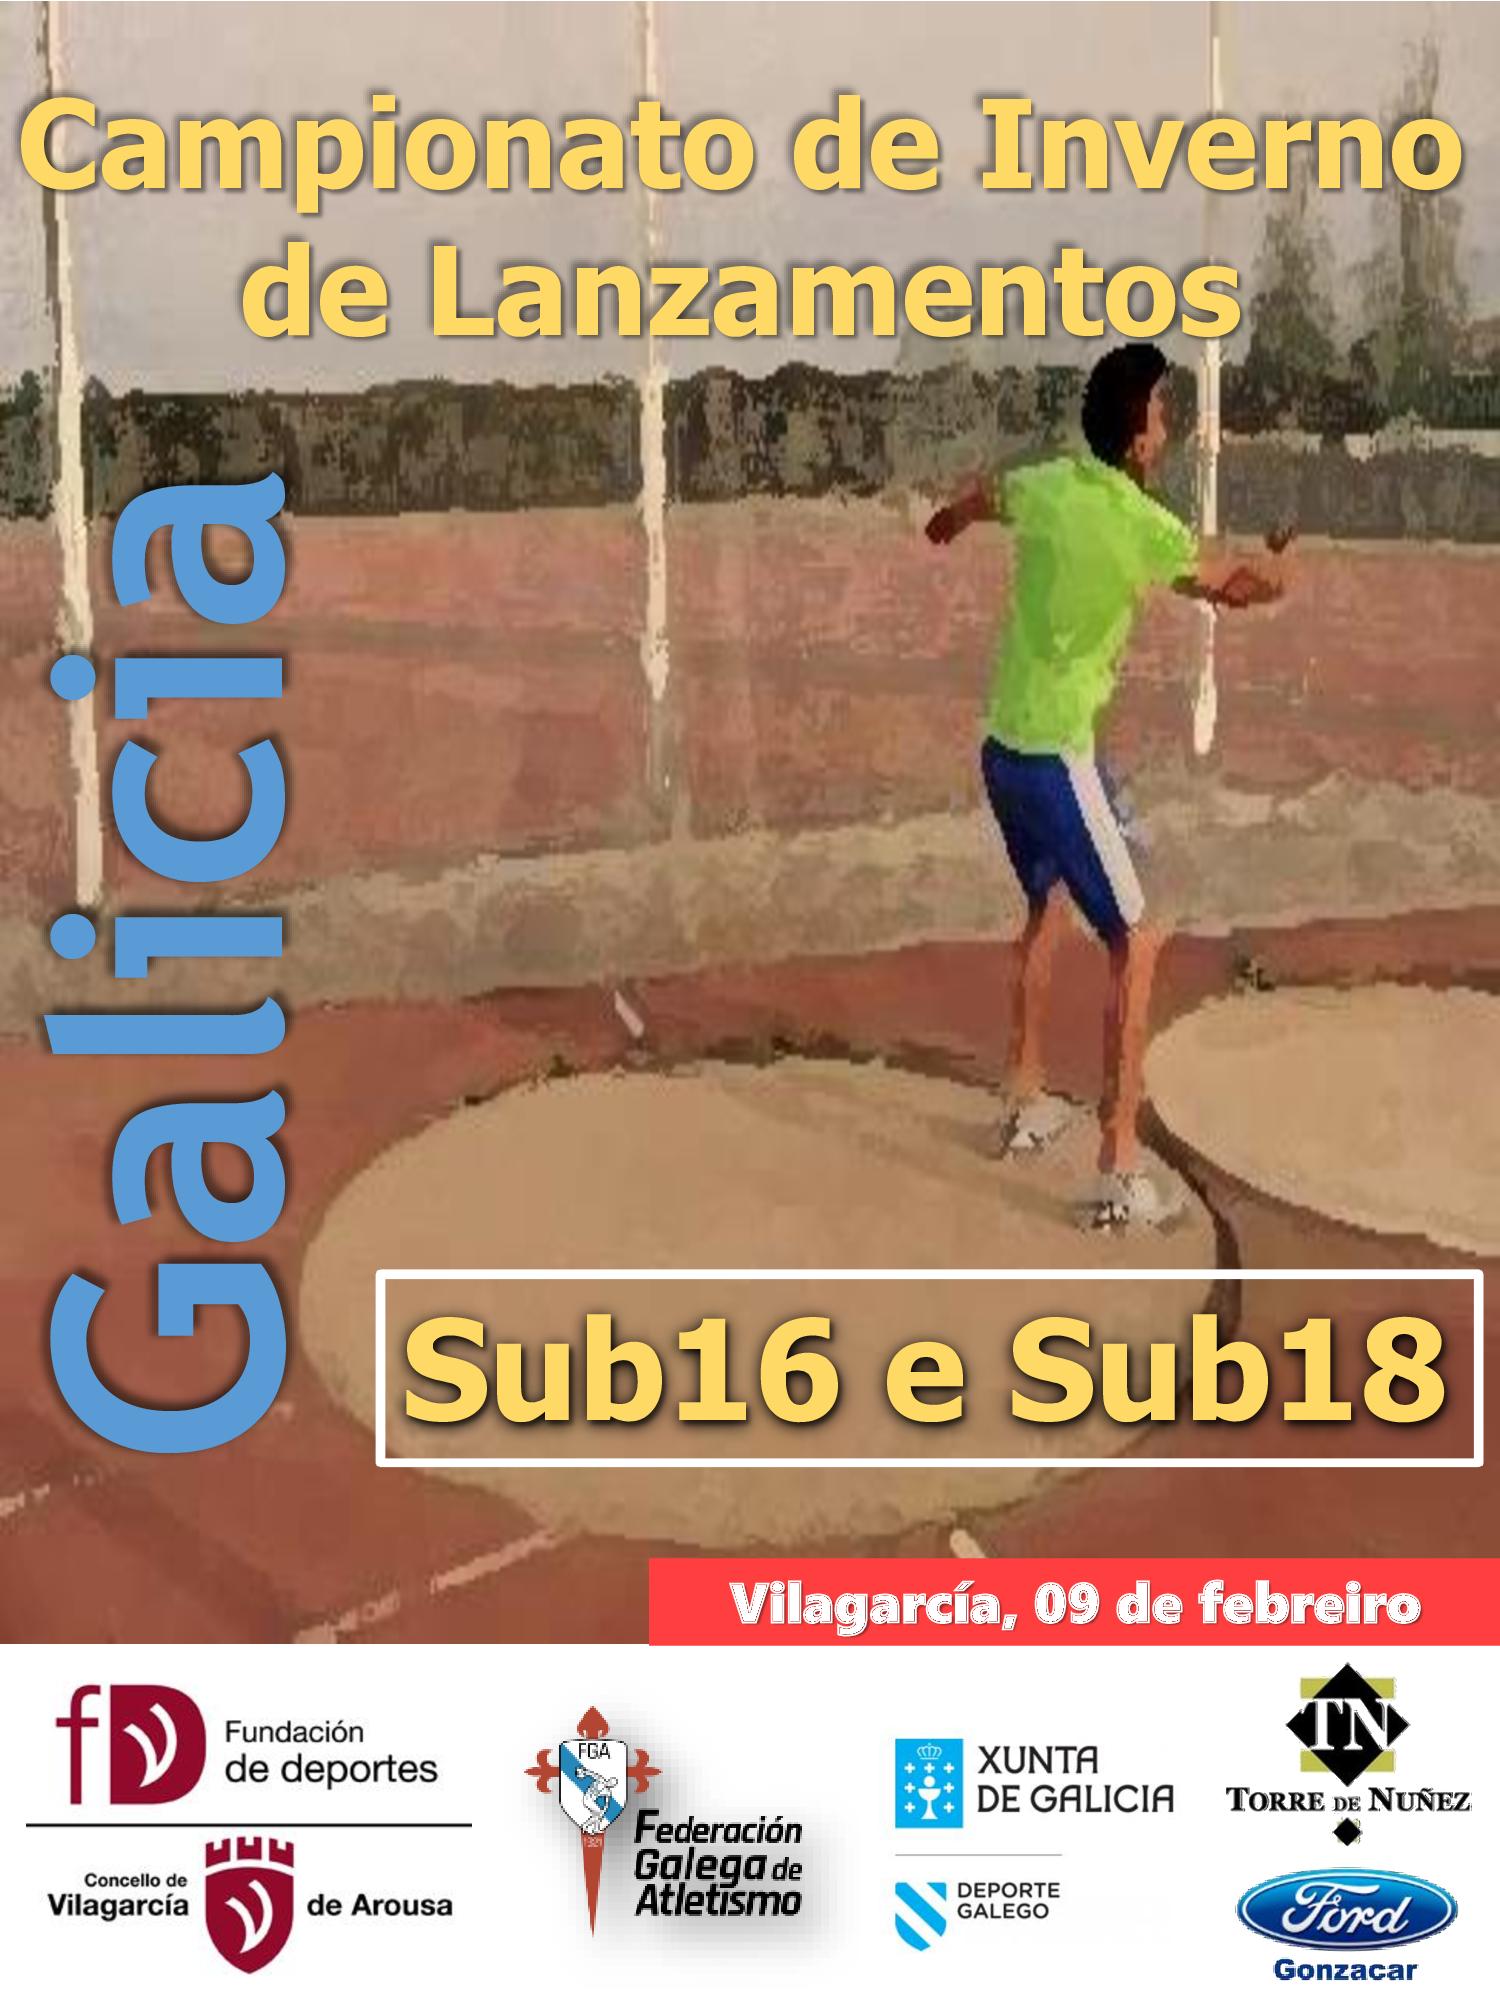 Campionato de Galicia de Inverno de Lanzamentos de Menores 2020 (Sub 16 e Sub 18)